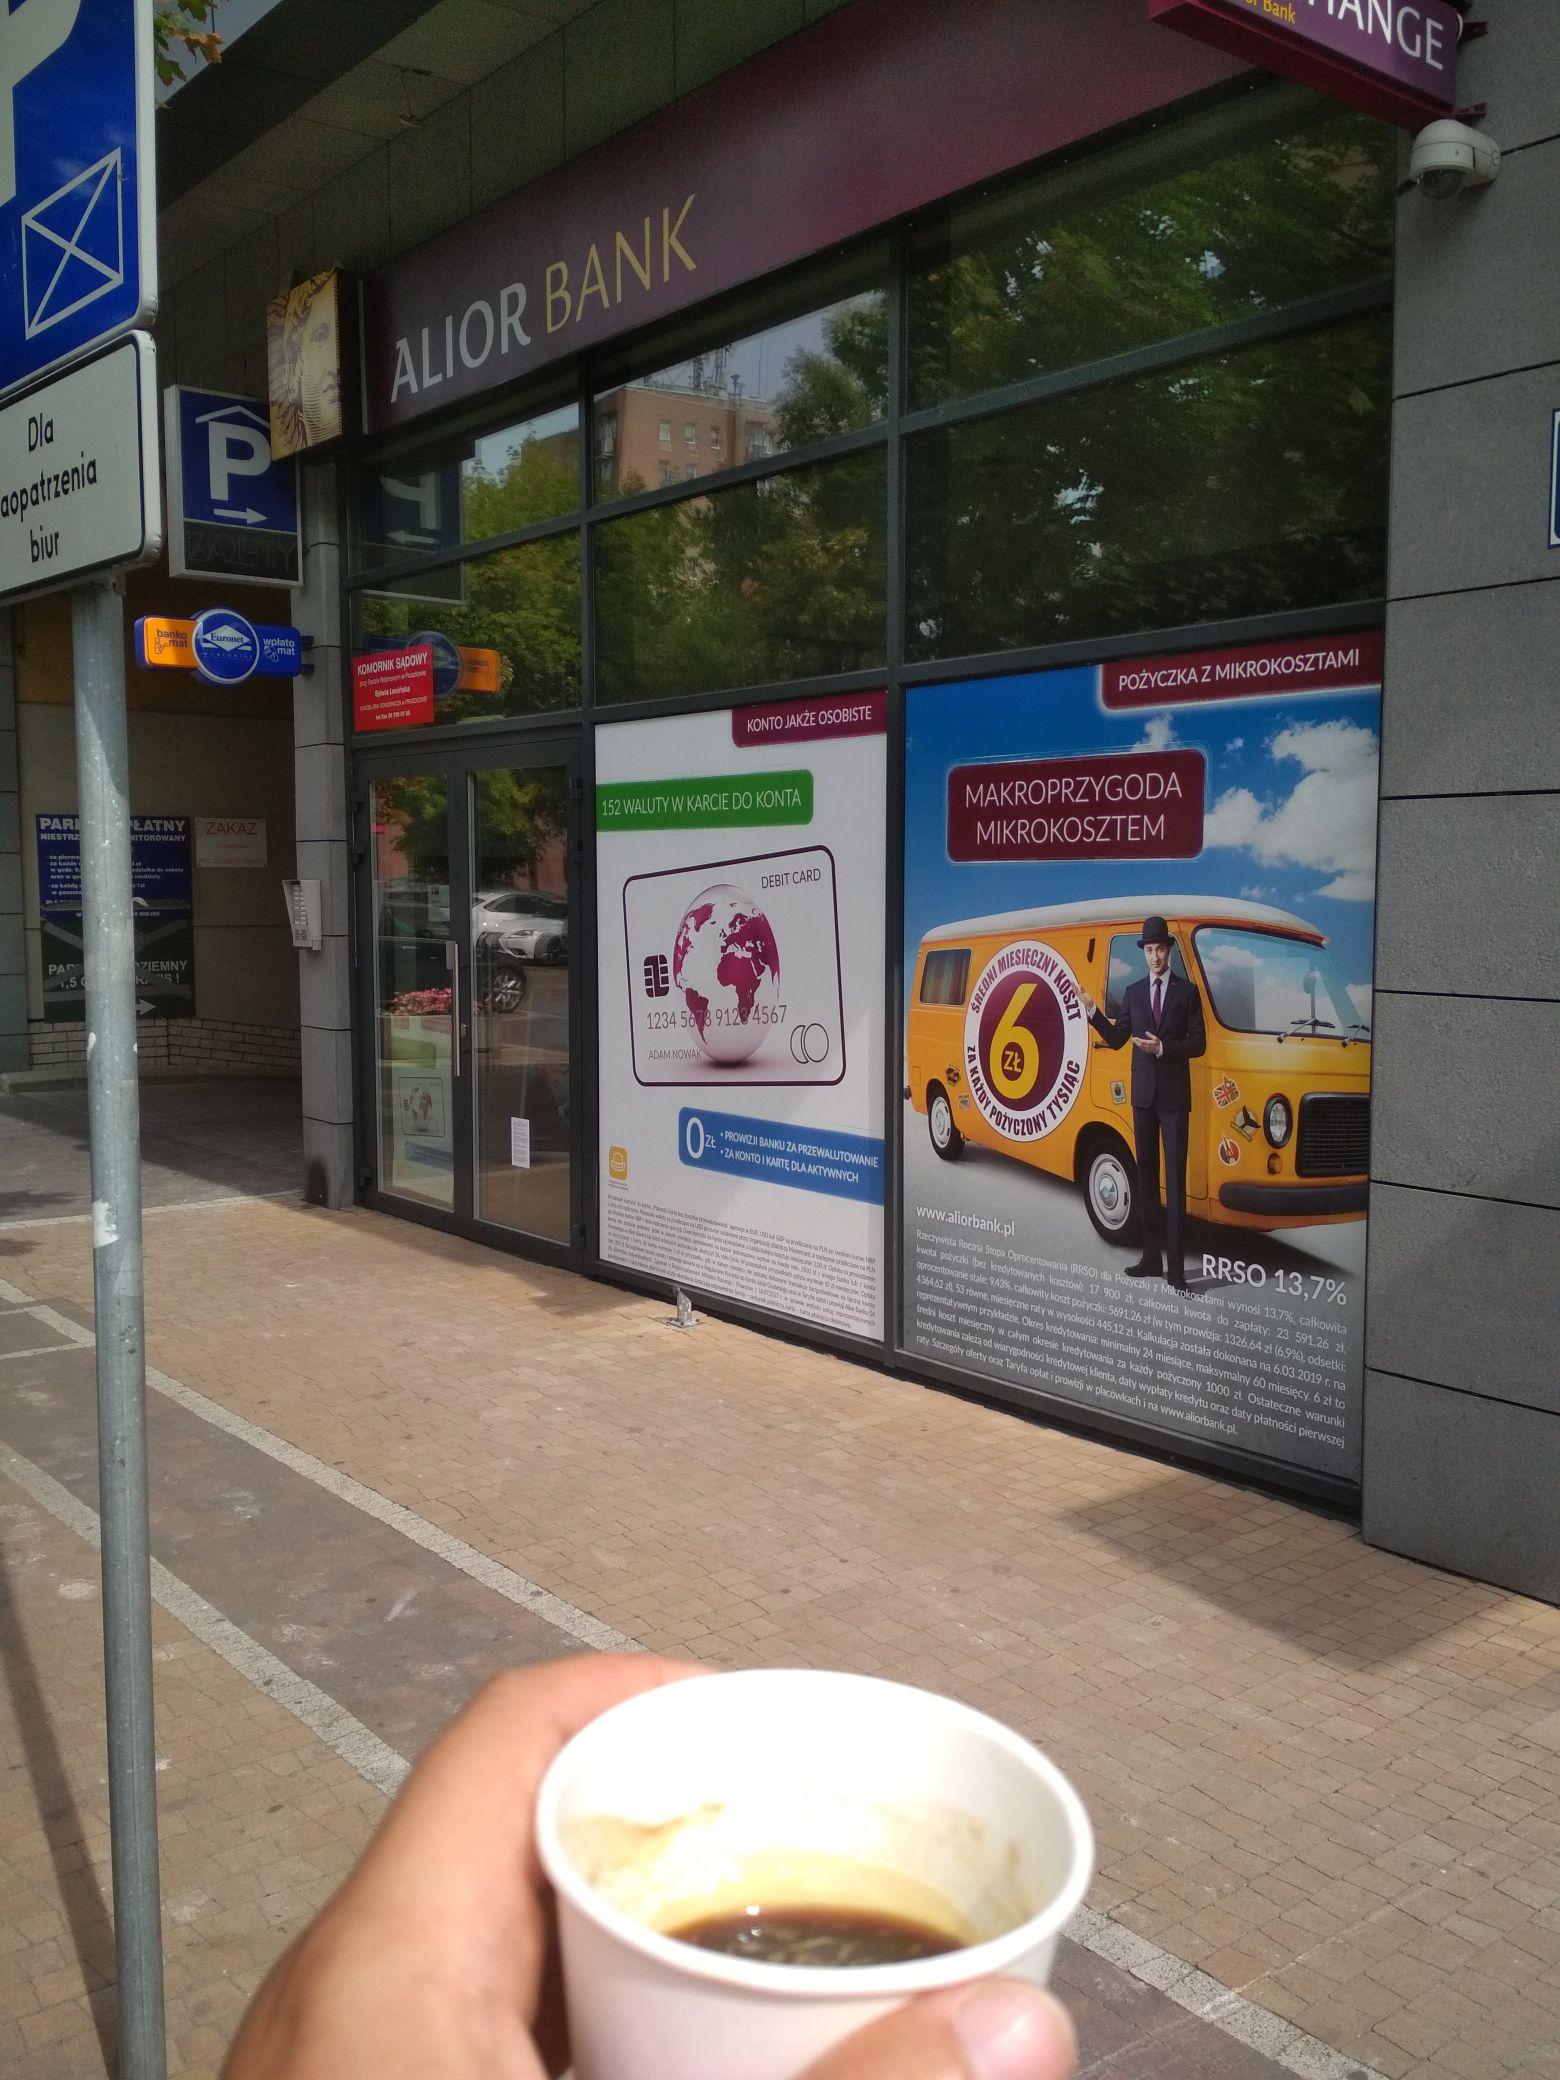 Darmowa kawa w Alior Bank Pruszków